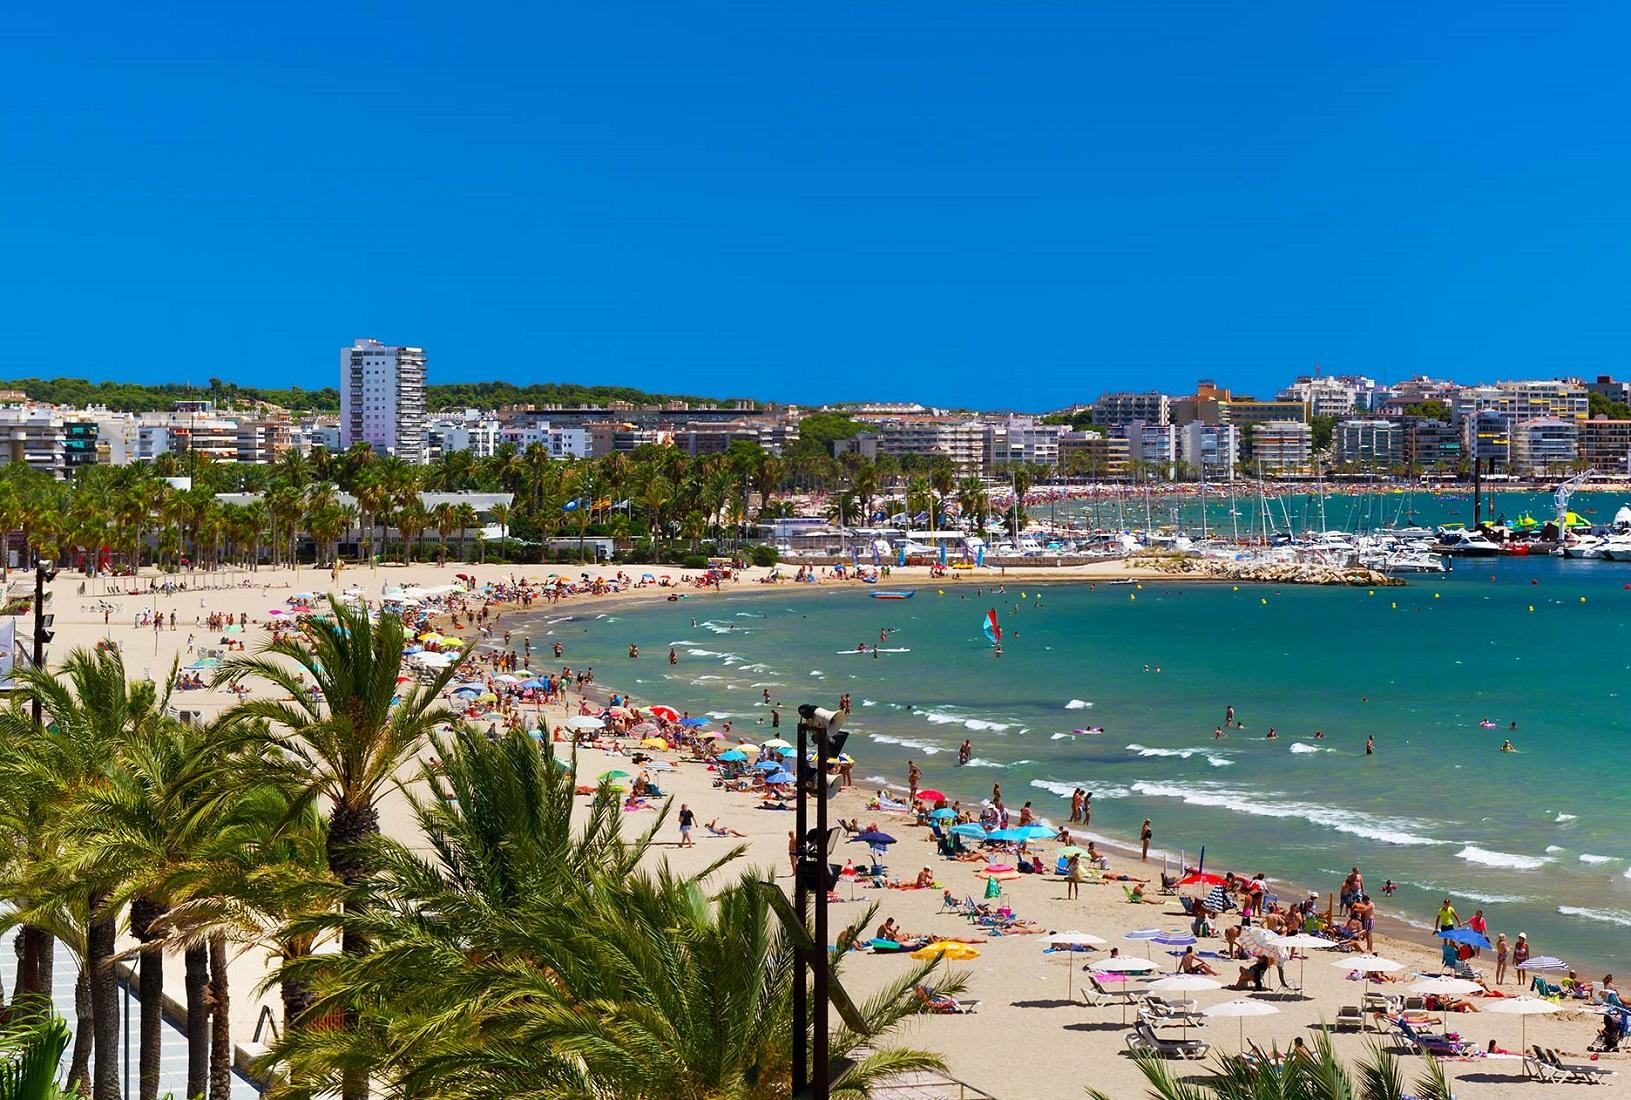 Foto de la playa de Salou en verano donde se puede ver lo concurridas y apreciadas que son sus playas